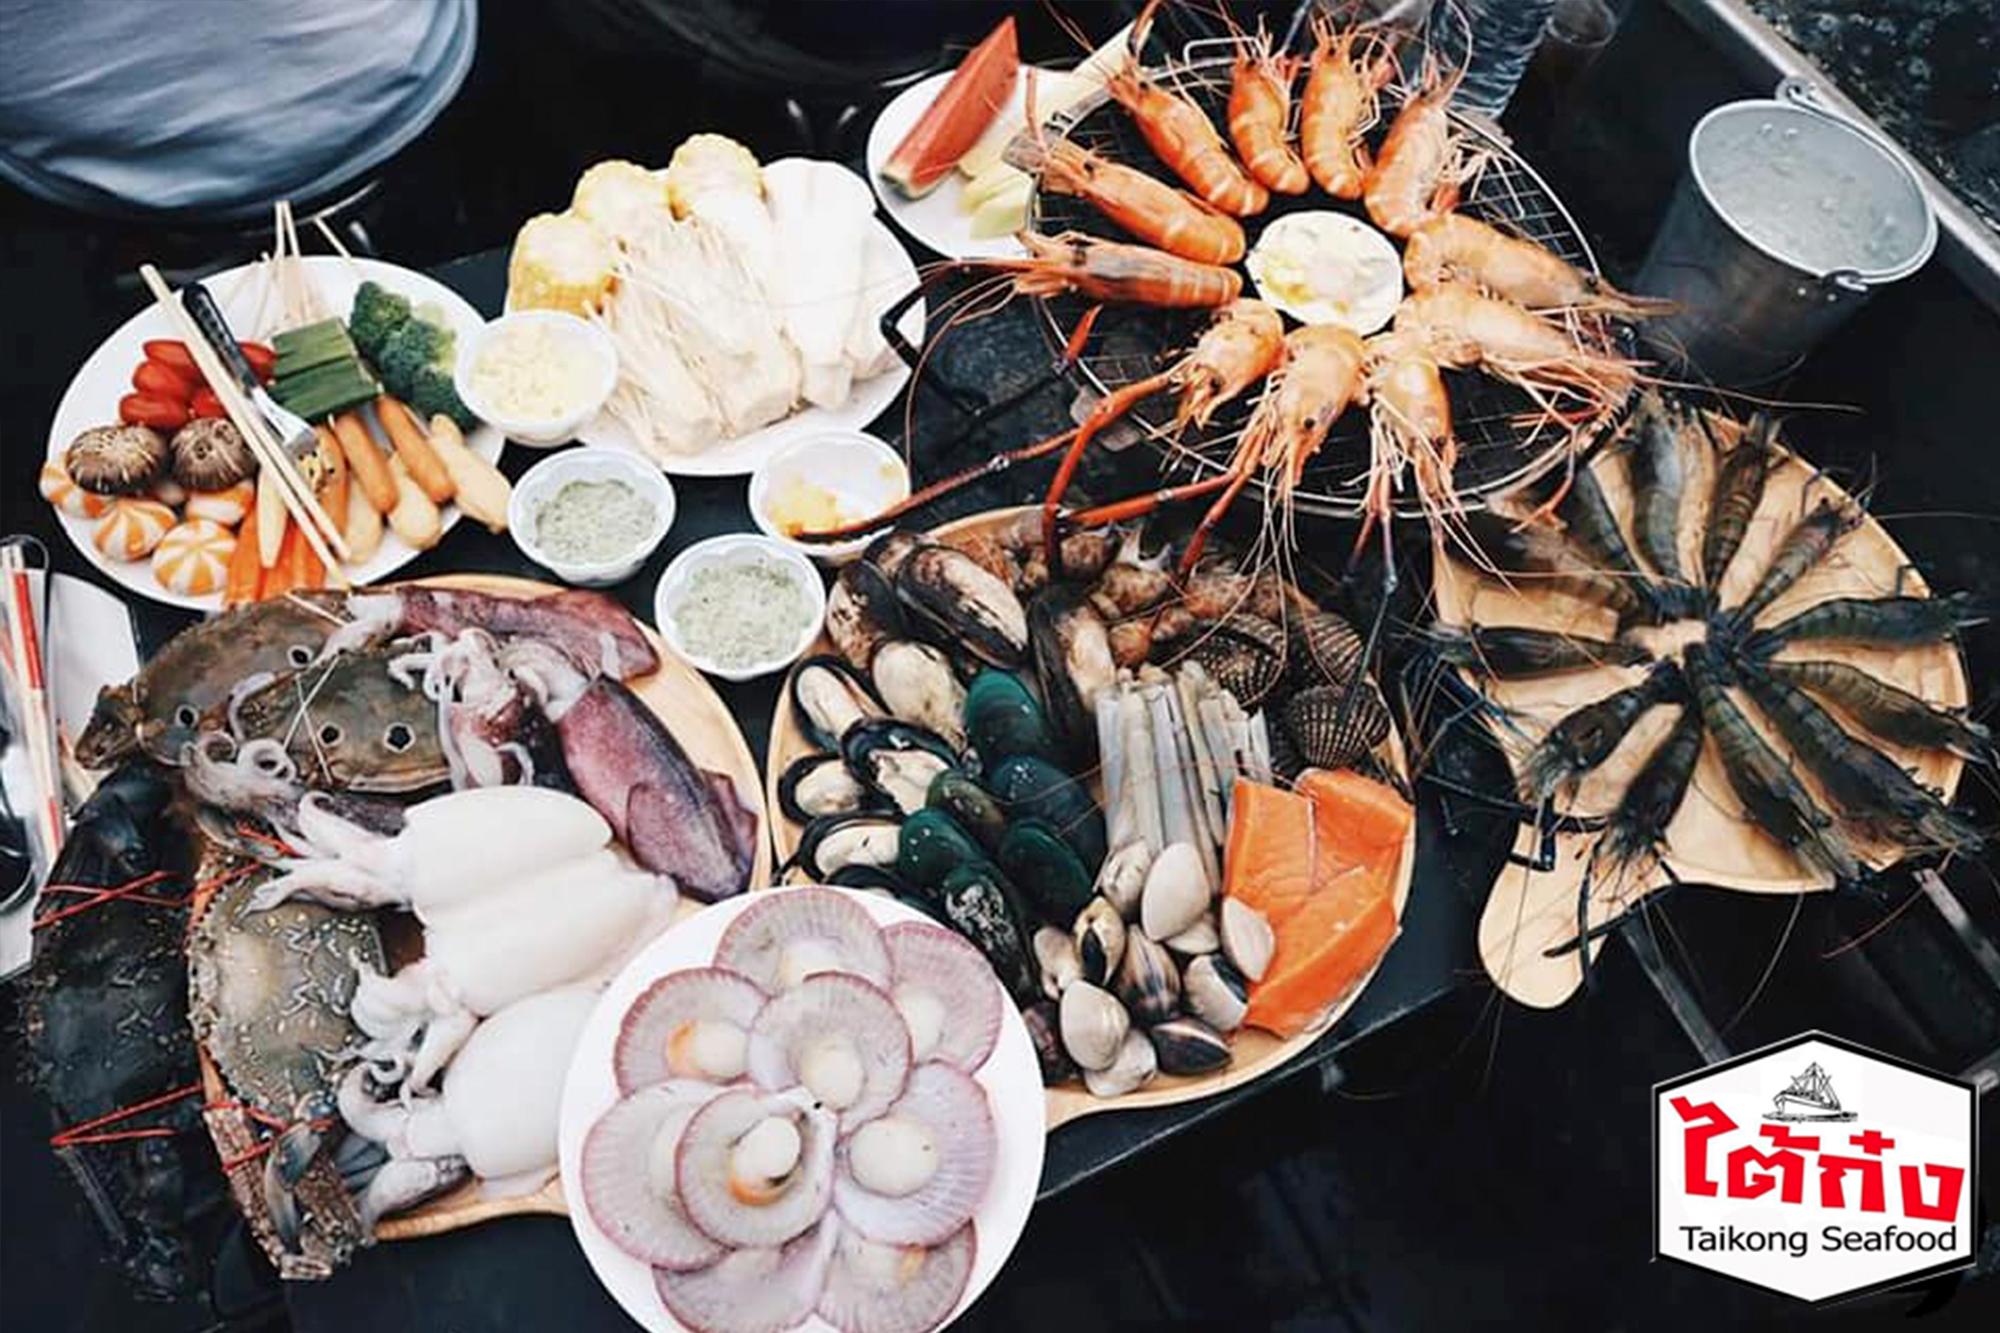 曼谷Taikong流水蝦海鮮餐廳,還可以享用到其他海鮮燒烤無限吃。